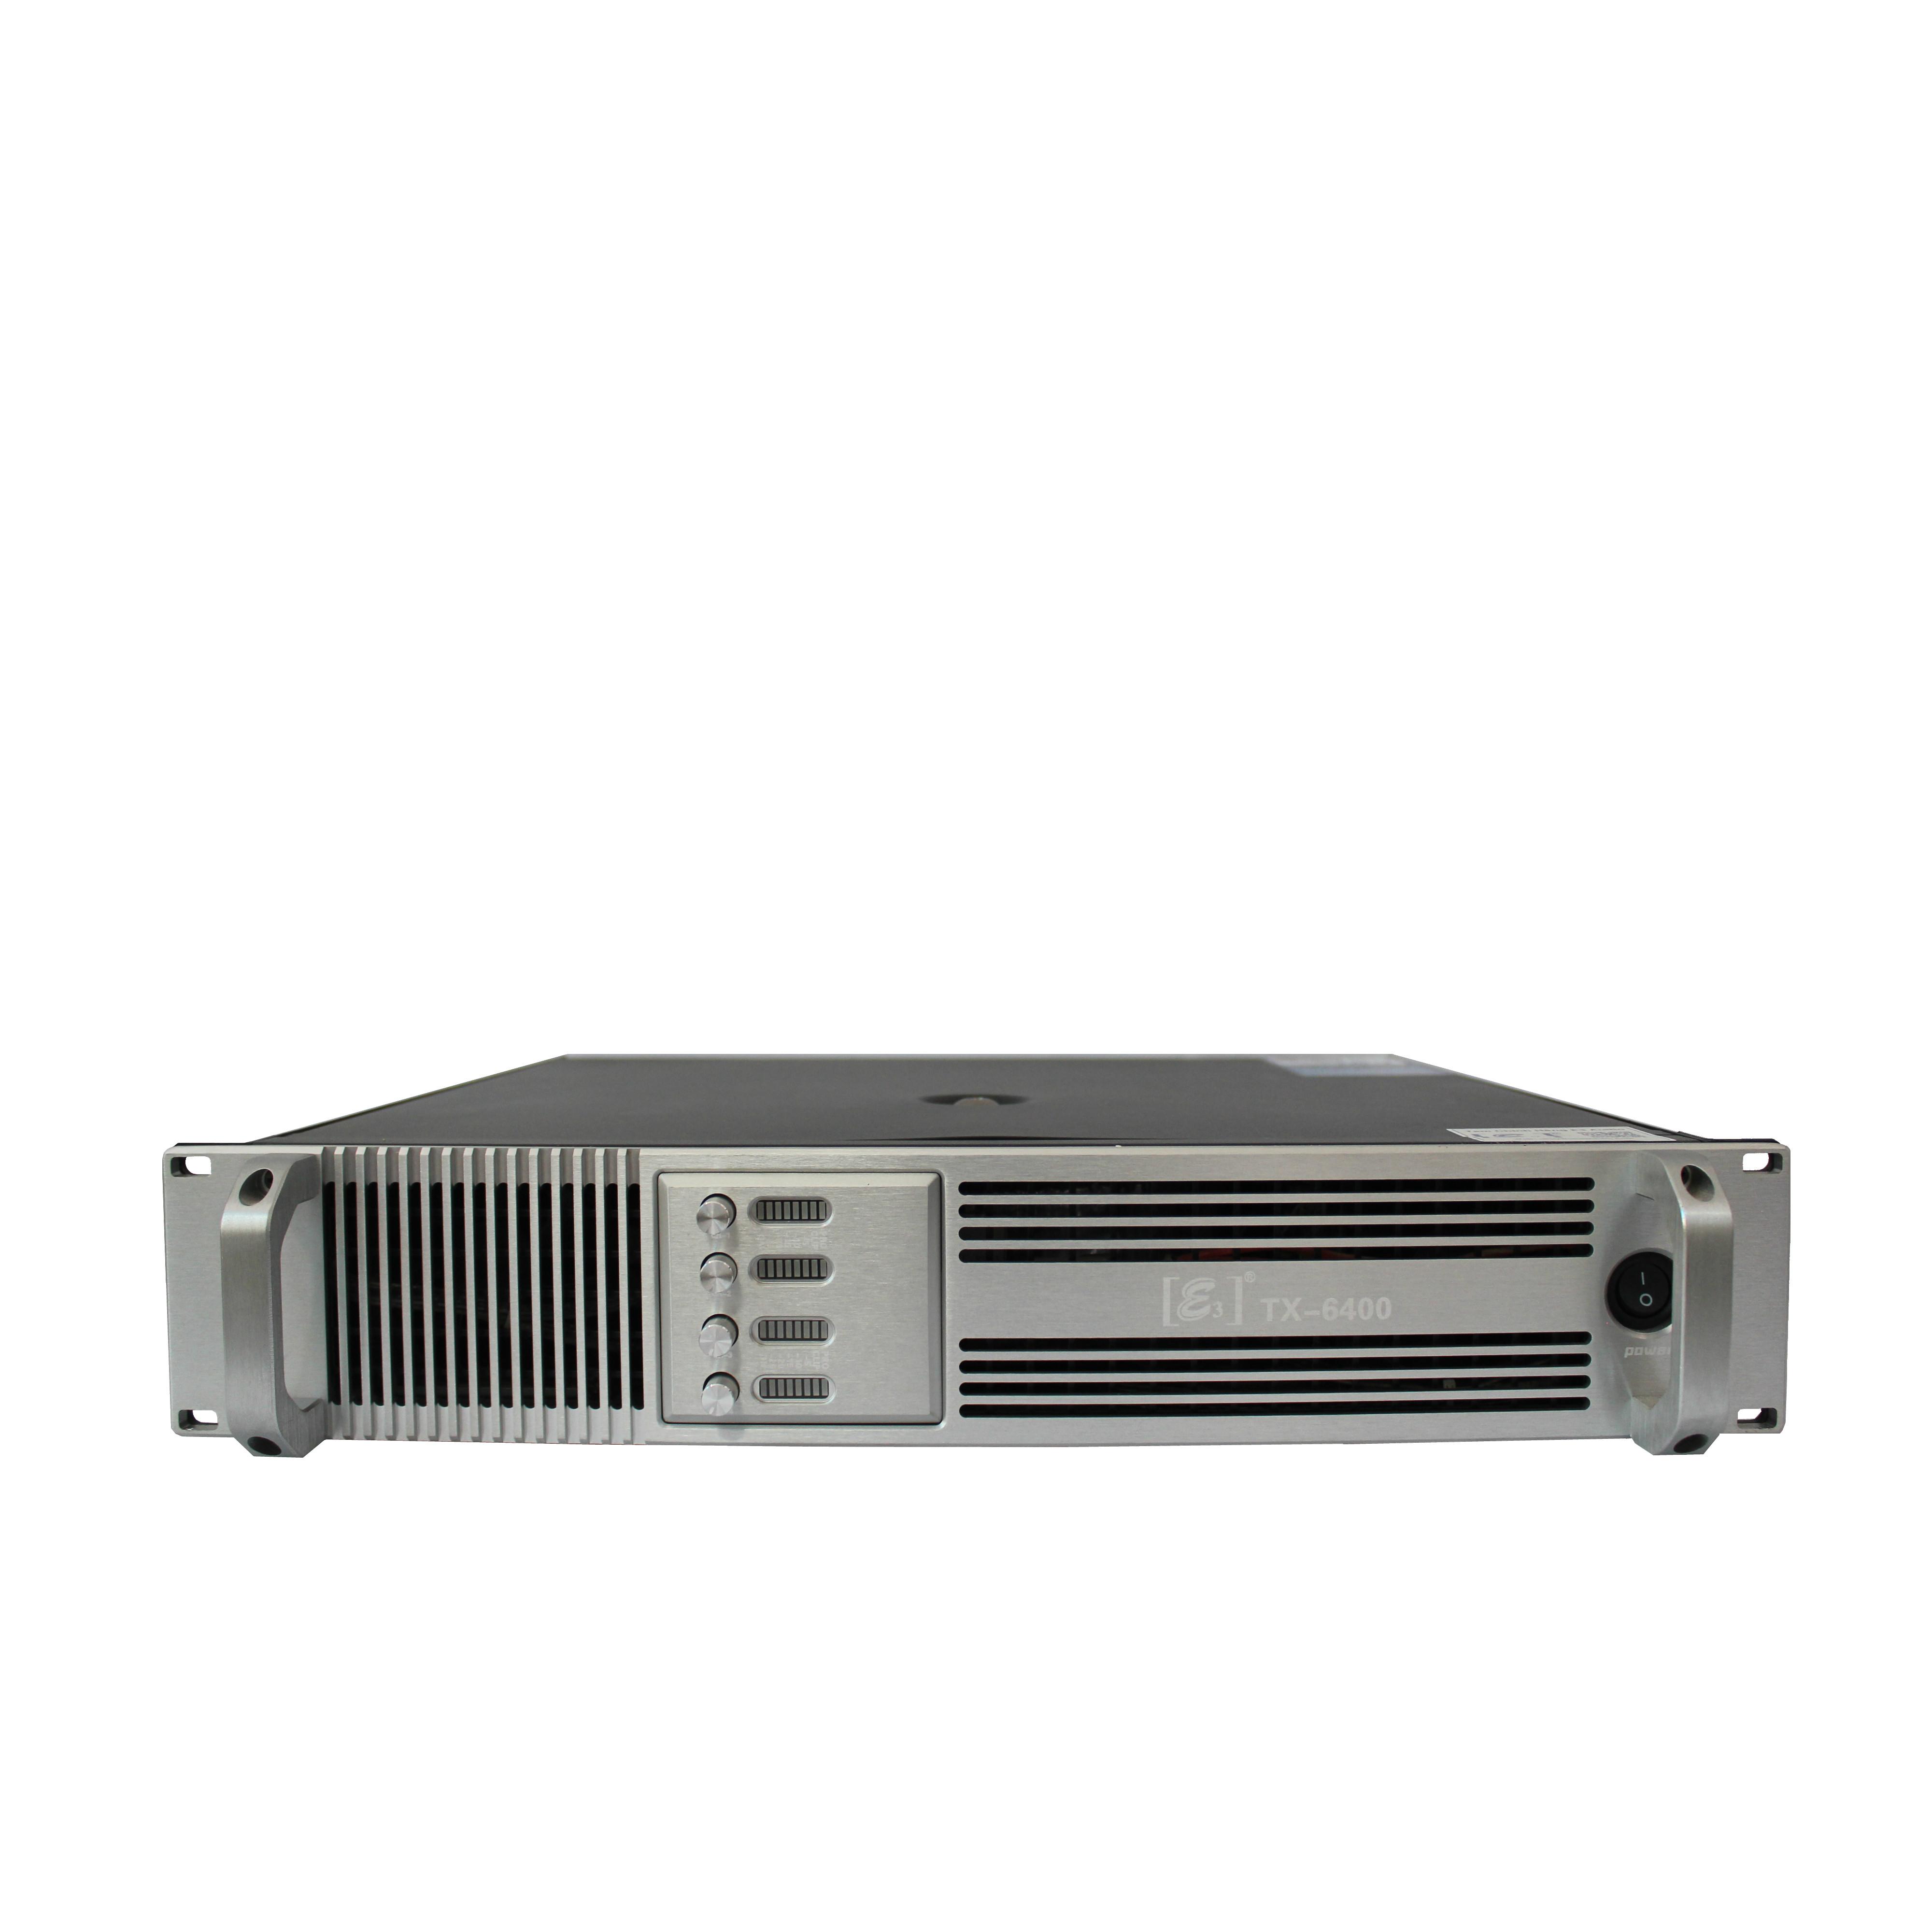 E3 TX6400 pro ( hàng chính hãng) Main 4 Kênh Chất Lượng Chuẩn Đức